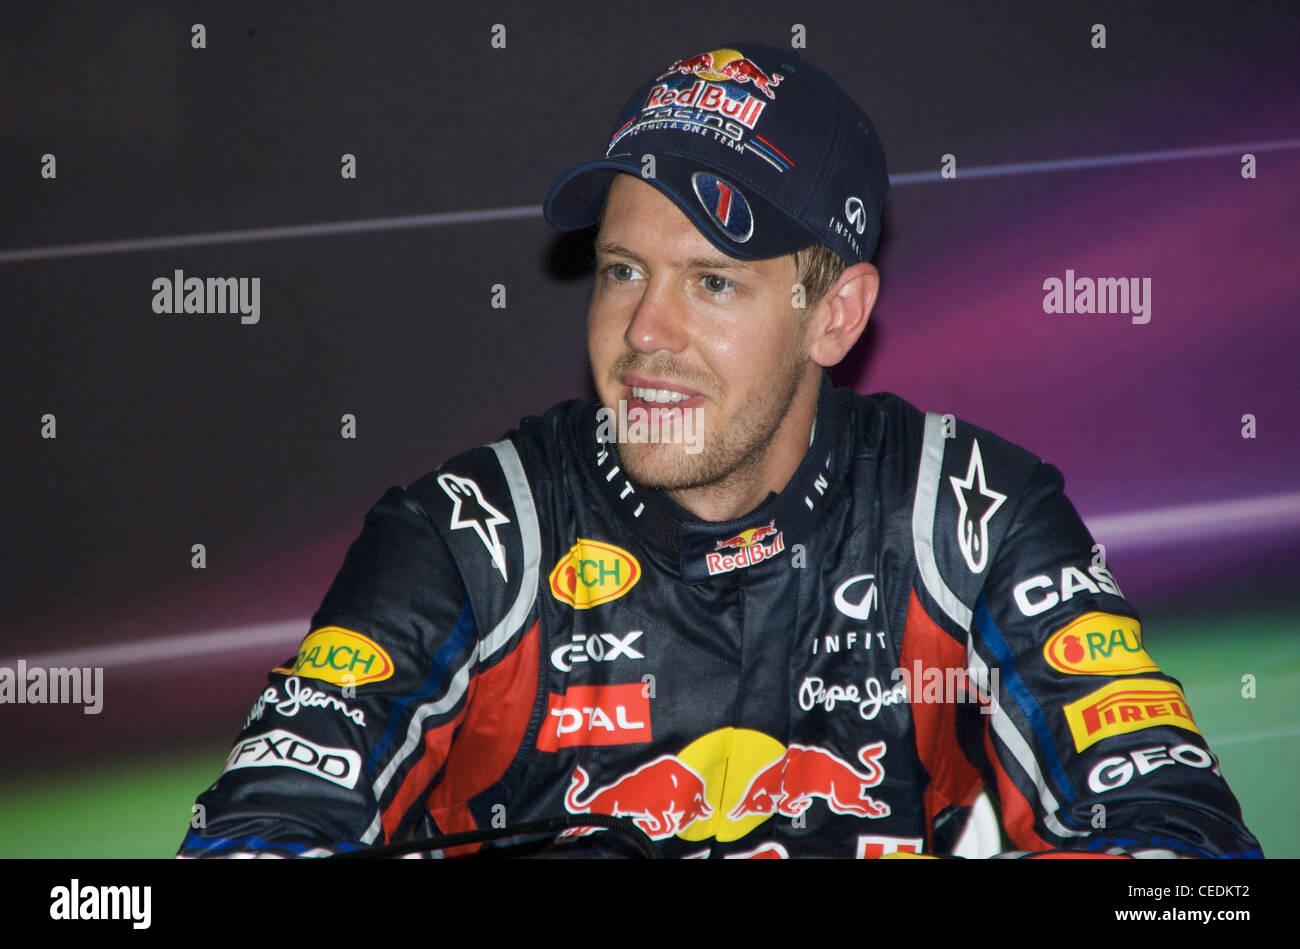 Sebastian Vettel, Red Bull Racing Formula One team - Stock Image